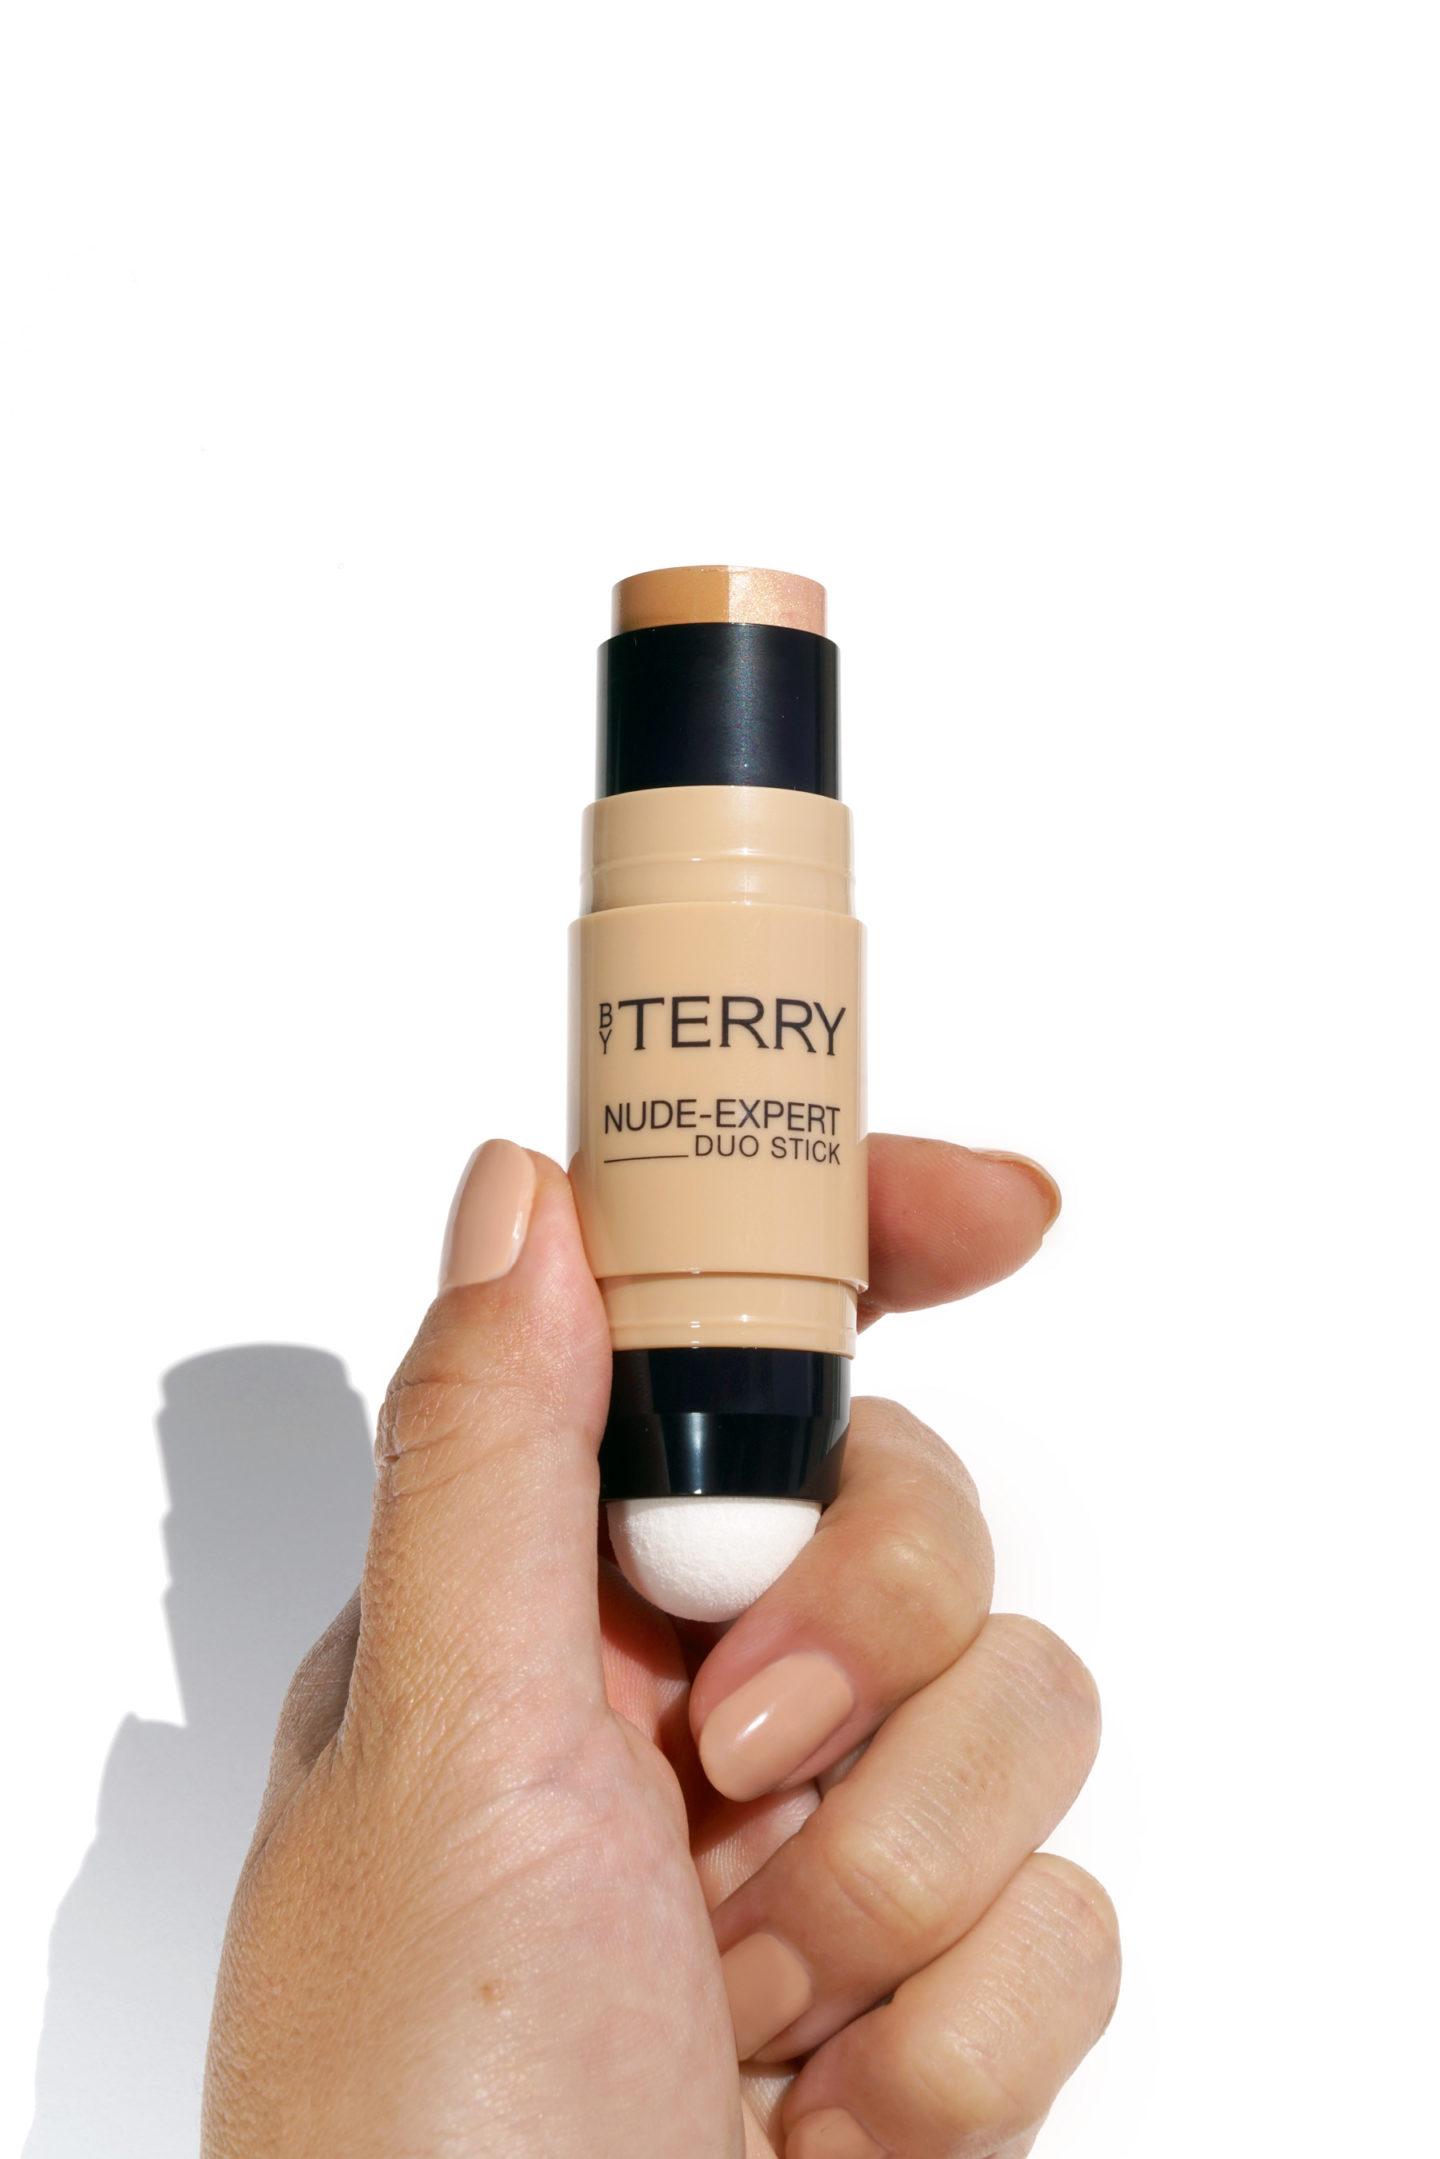 De la Fondation Duo Stick de Terry Nude-Expert | Le livre de beauté